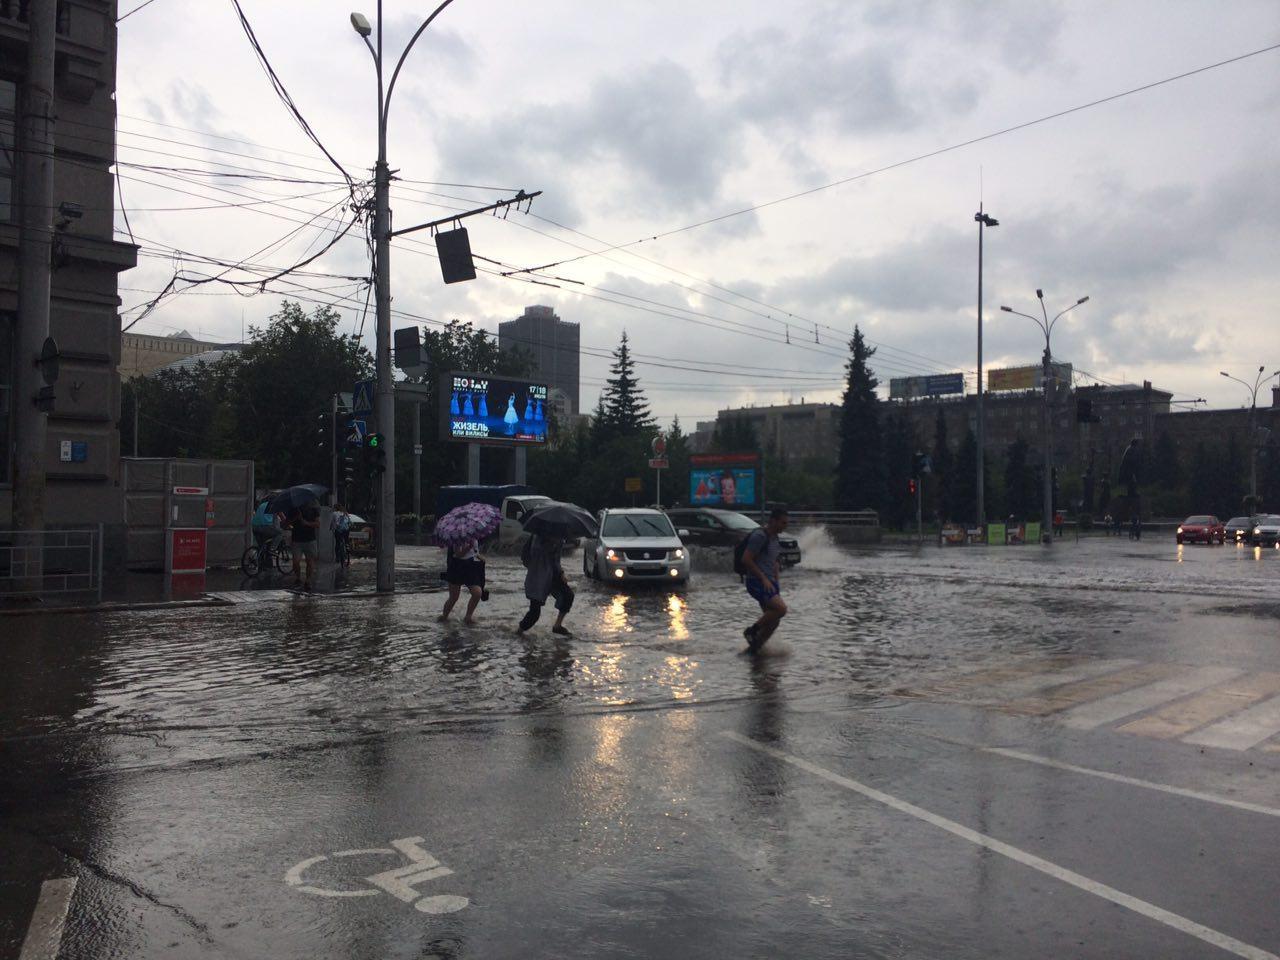 Затопленный переход на пл. Ленина.Фото Ольги Бурлаковой